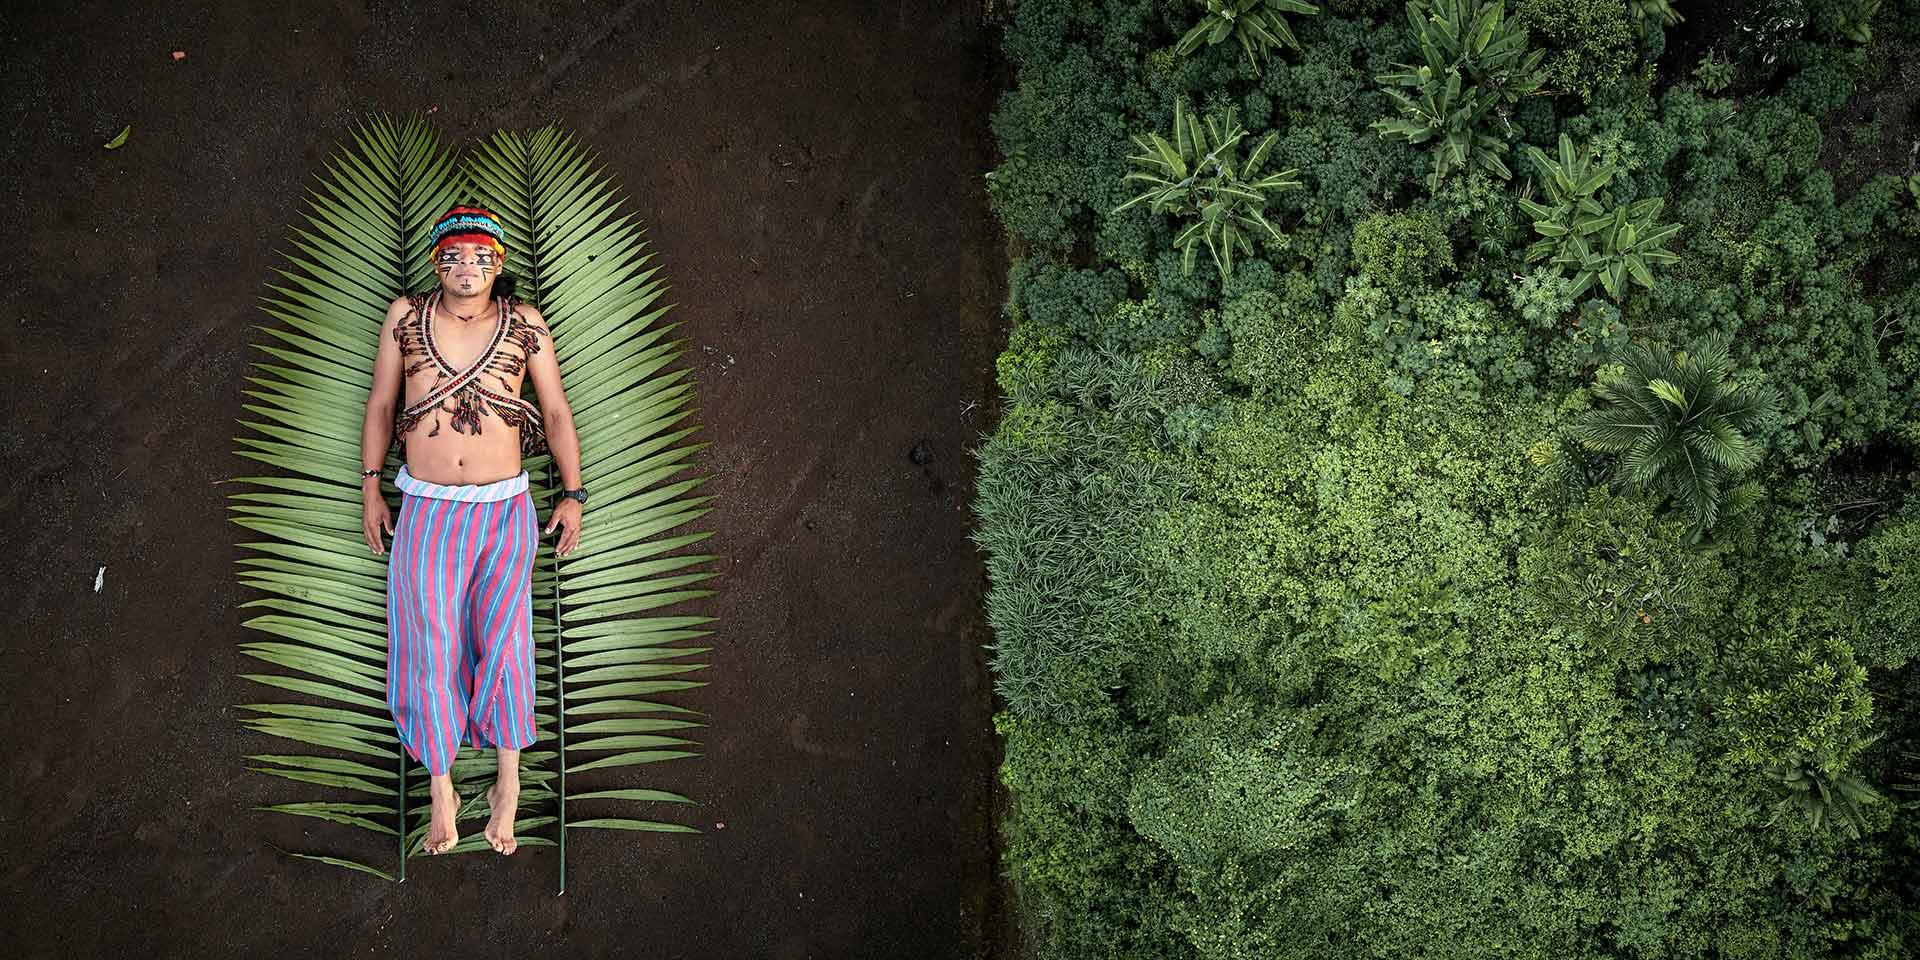 Una persona con il costume tradizionale sdraiata a terra in una foresta